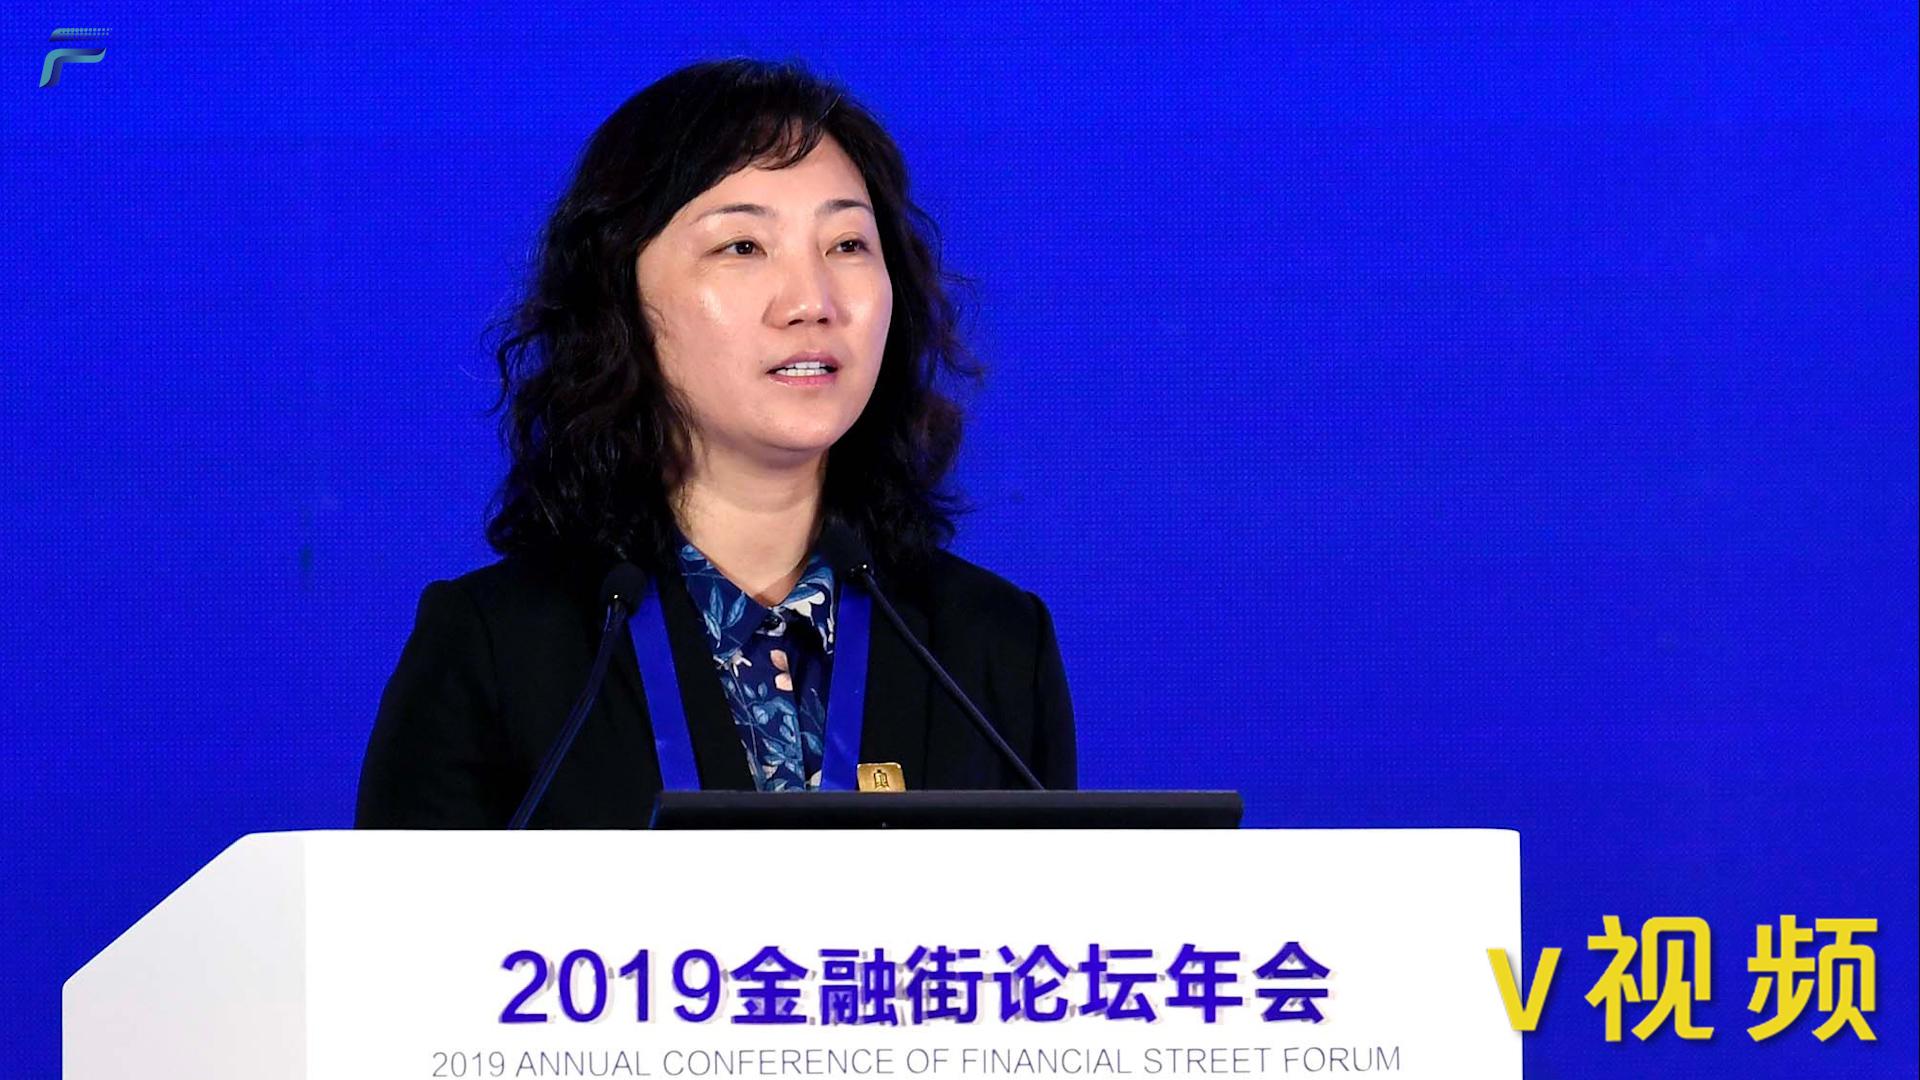 孟宥慈:提升证券公司核心竞争力是行业当务之急